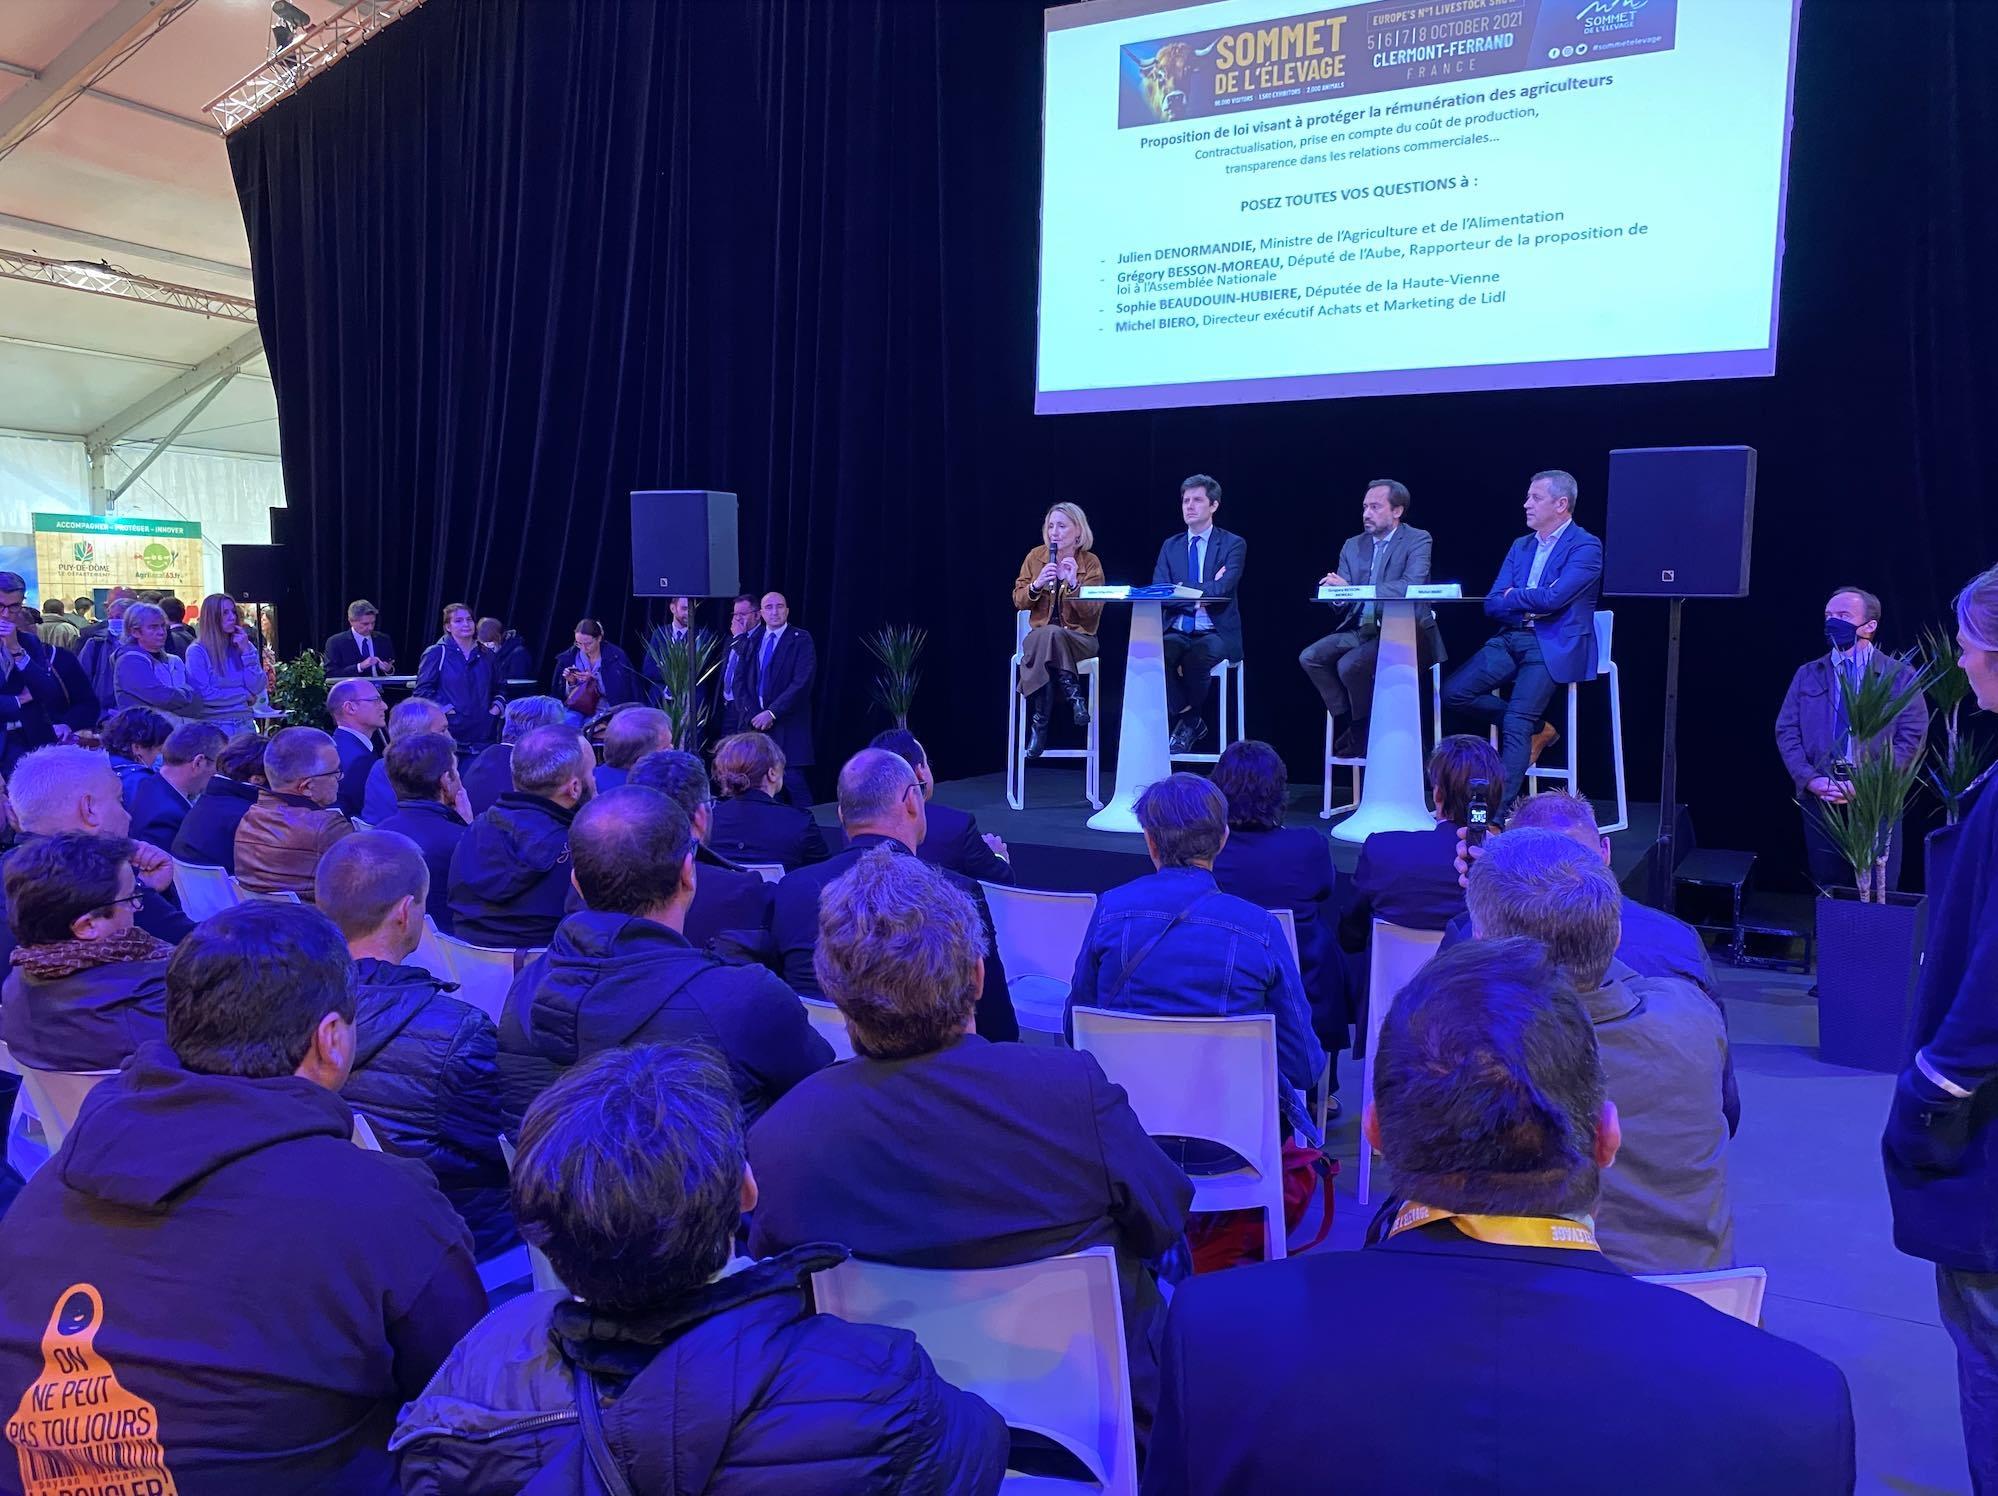 Outre le ministre, les députés Sophie Beaudoin-Hubière et Grégory Besson-Moreau, ainsi que Michel Biero, directeur exécutif achats et marketing de Lidl, ont répondu aux questions des éleveurs